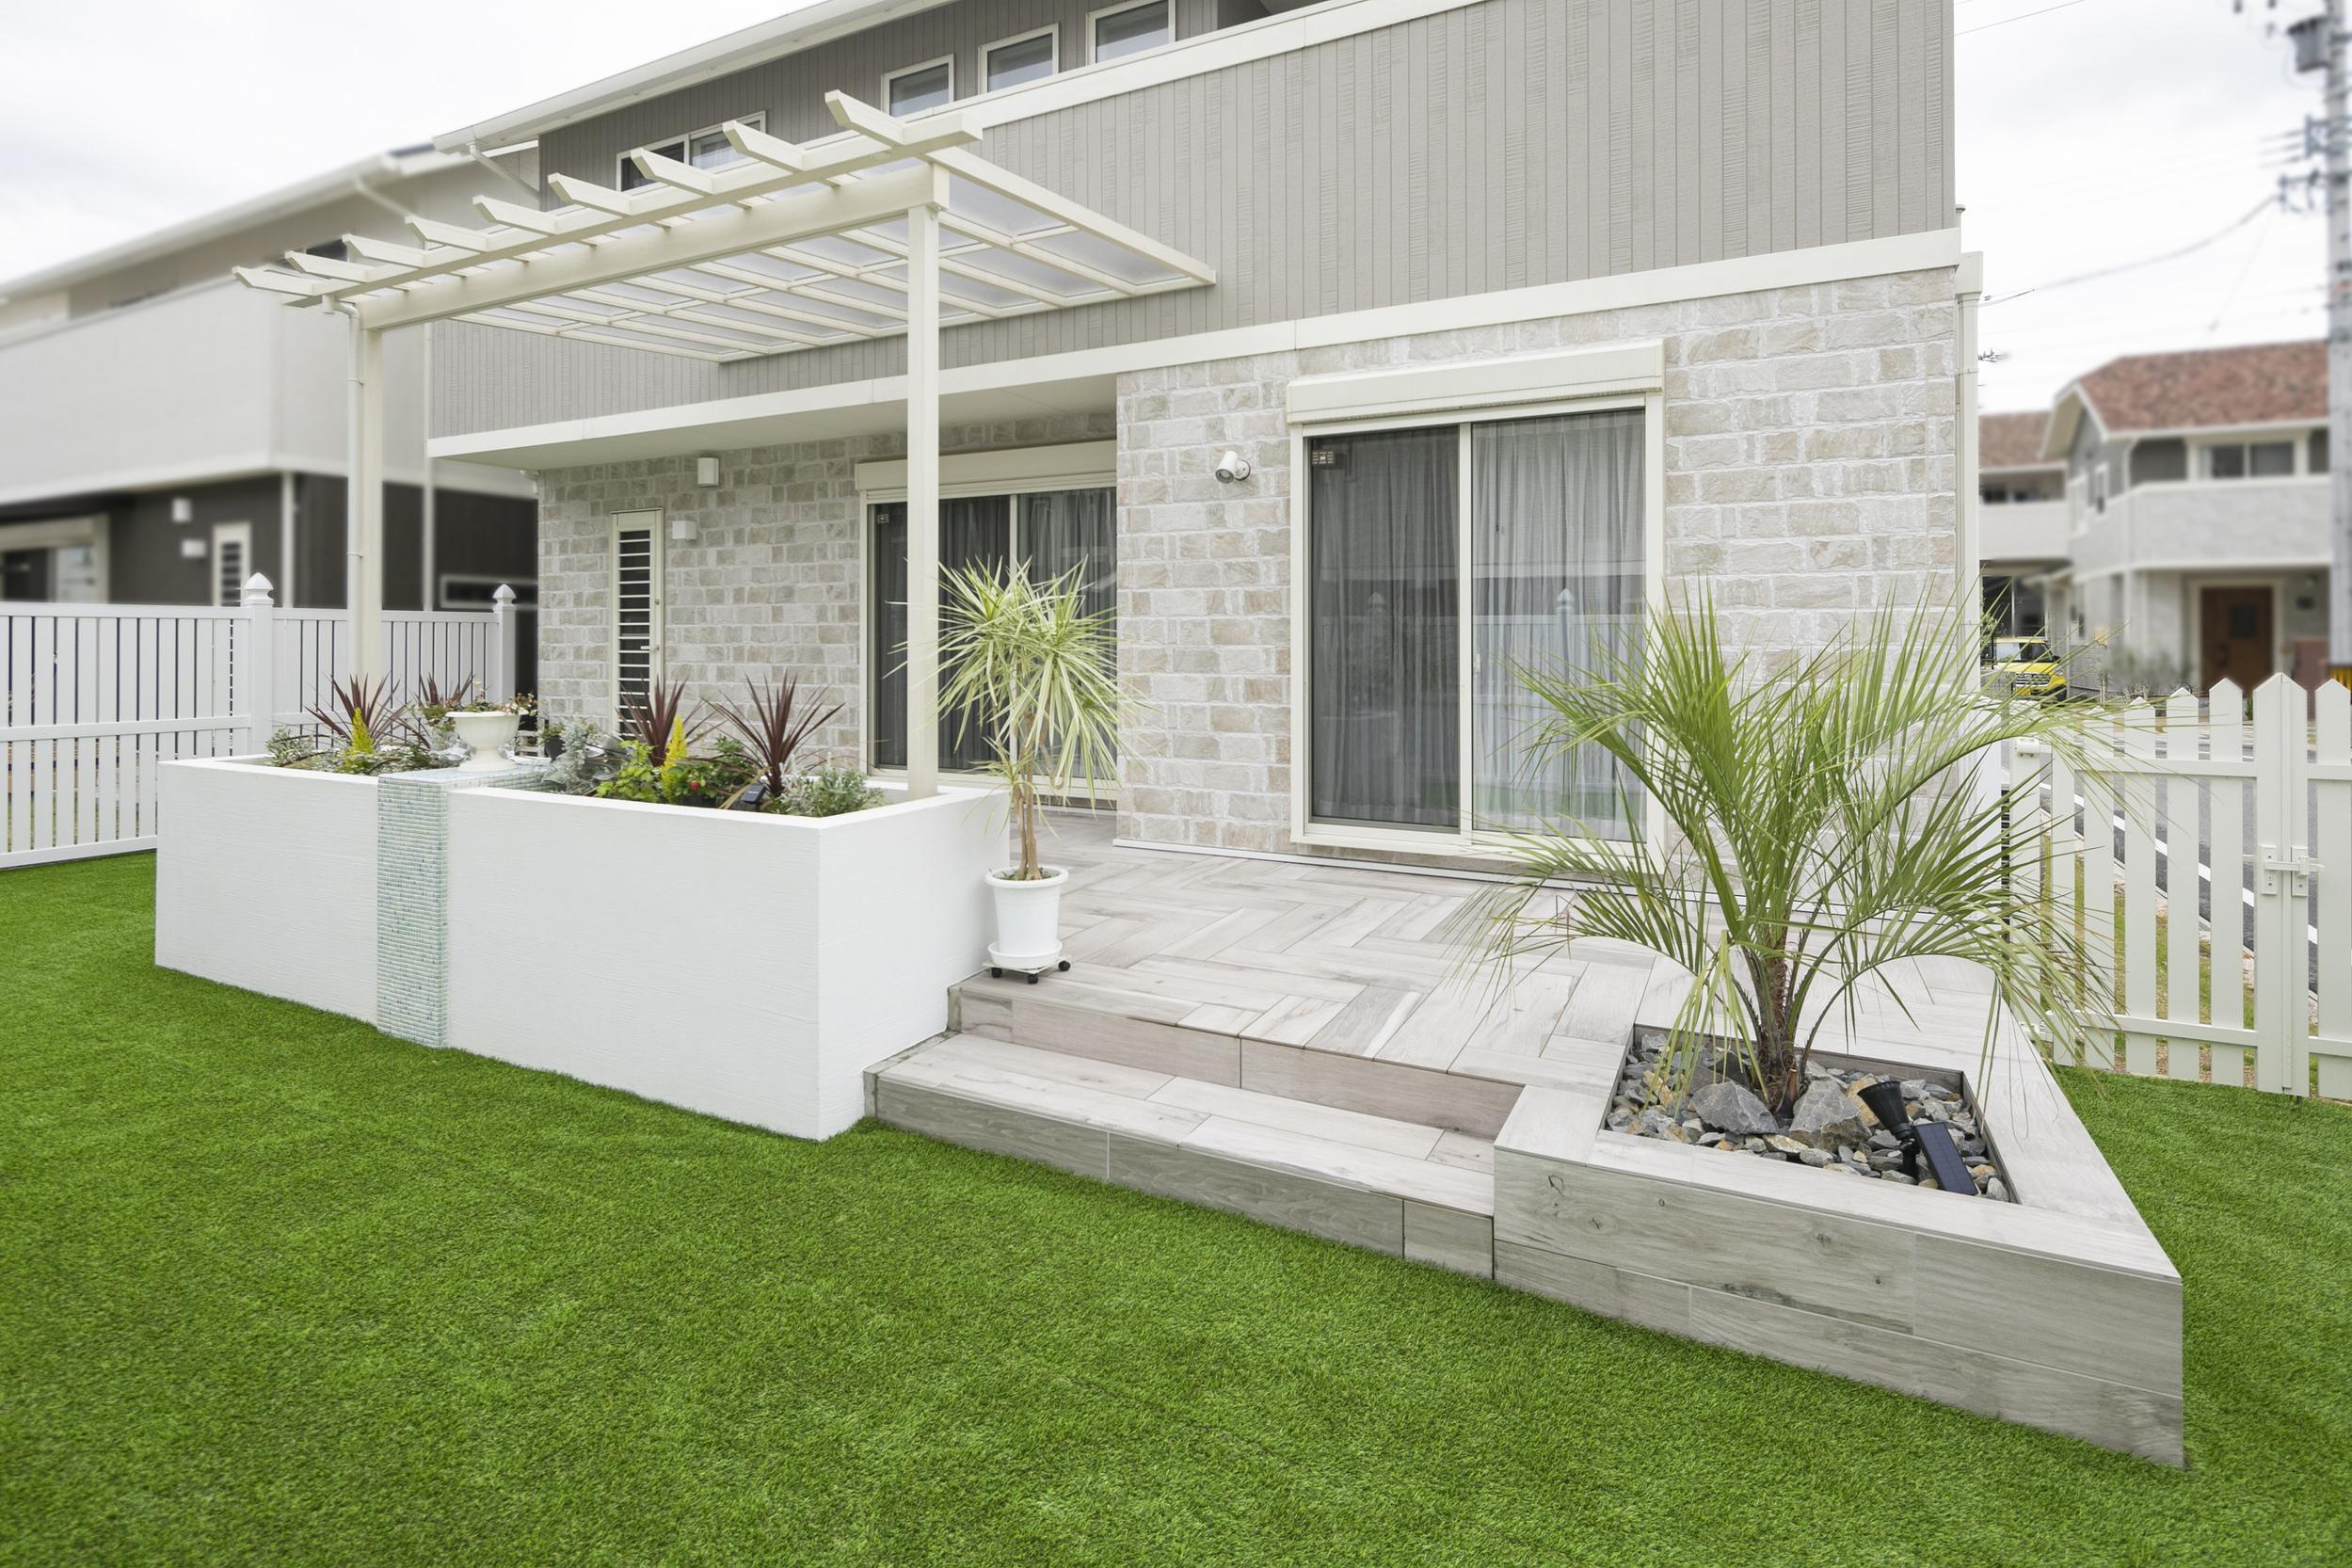 庭 ガーデン テラス 人工芝 ドッグラン ガーデンリビング